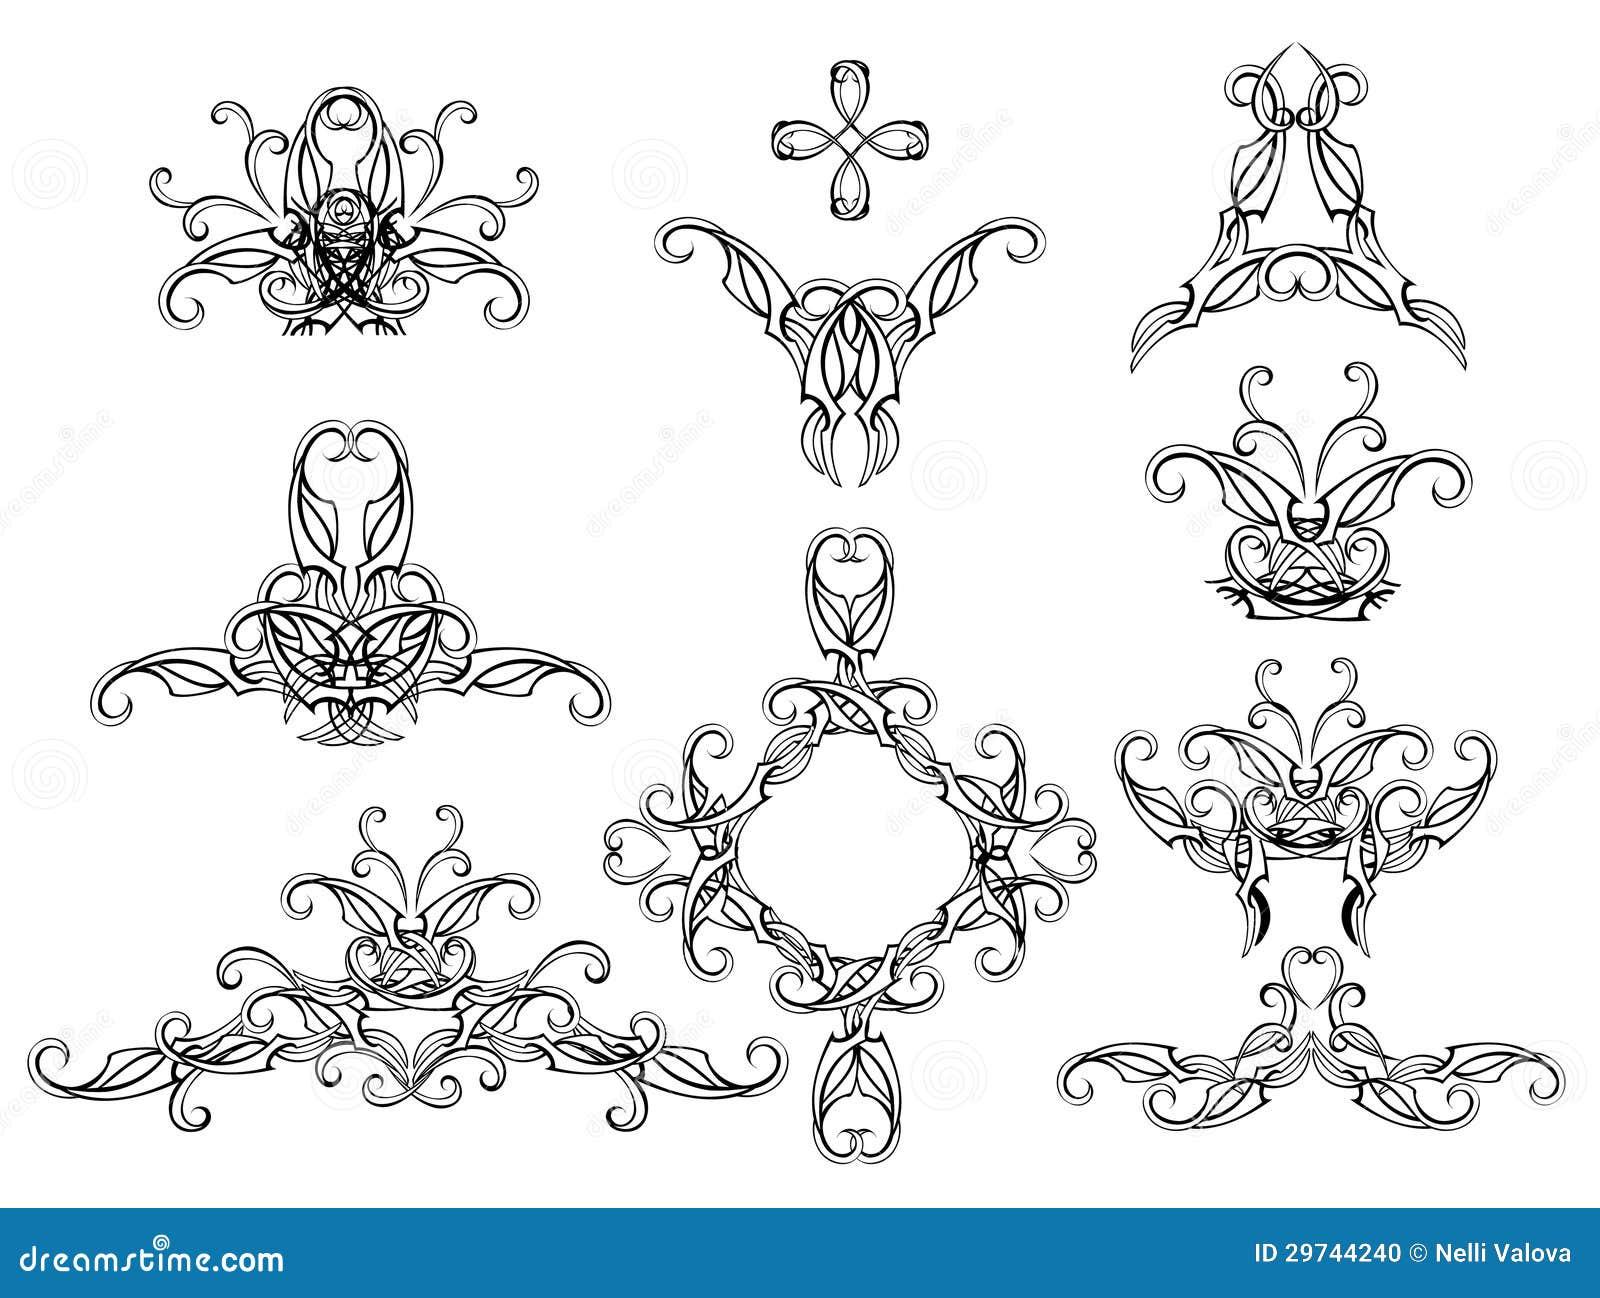 Filagree Jewelry Tattoo Design